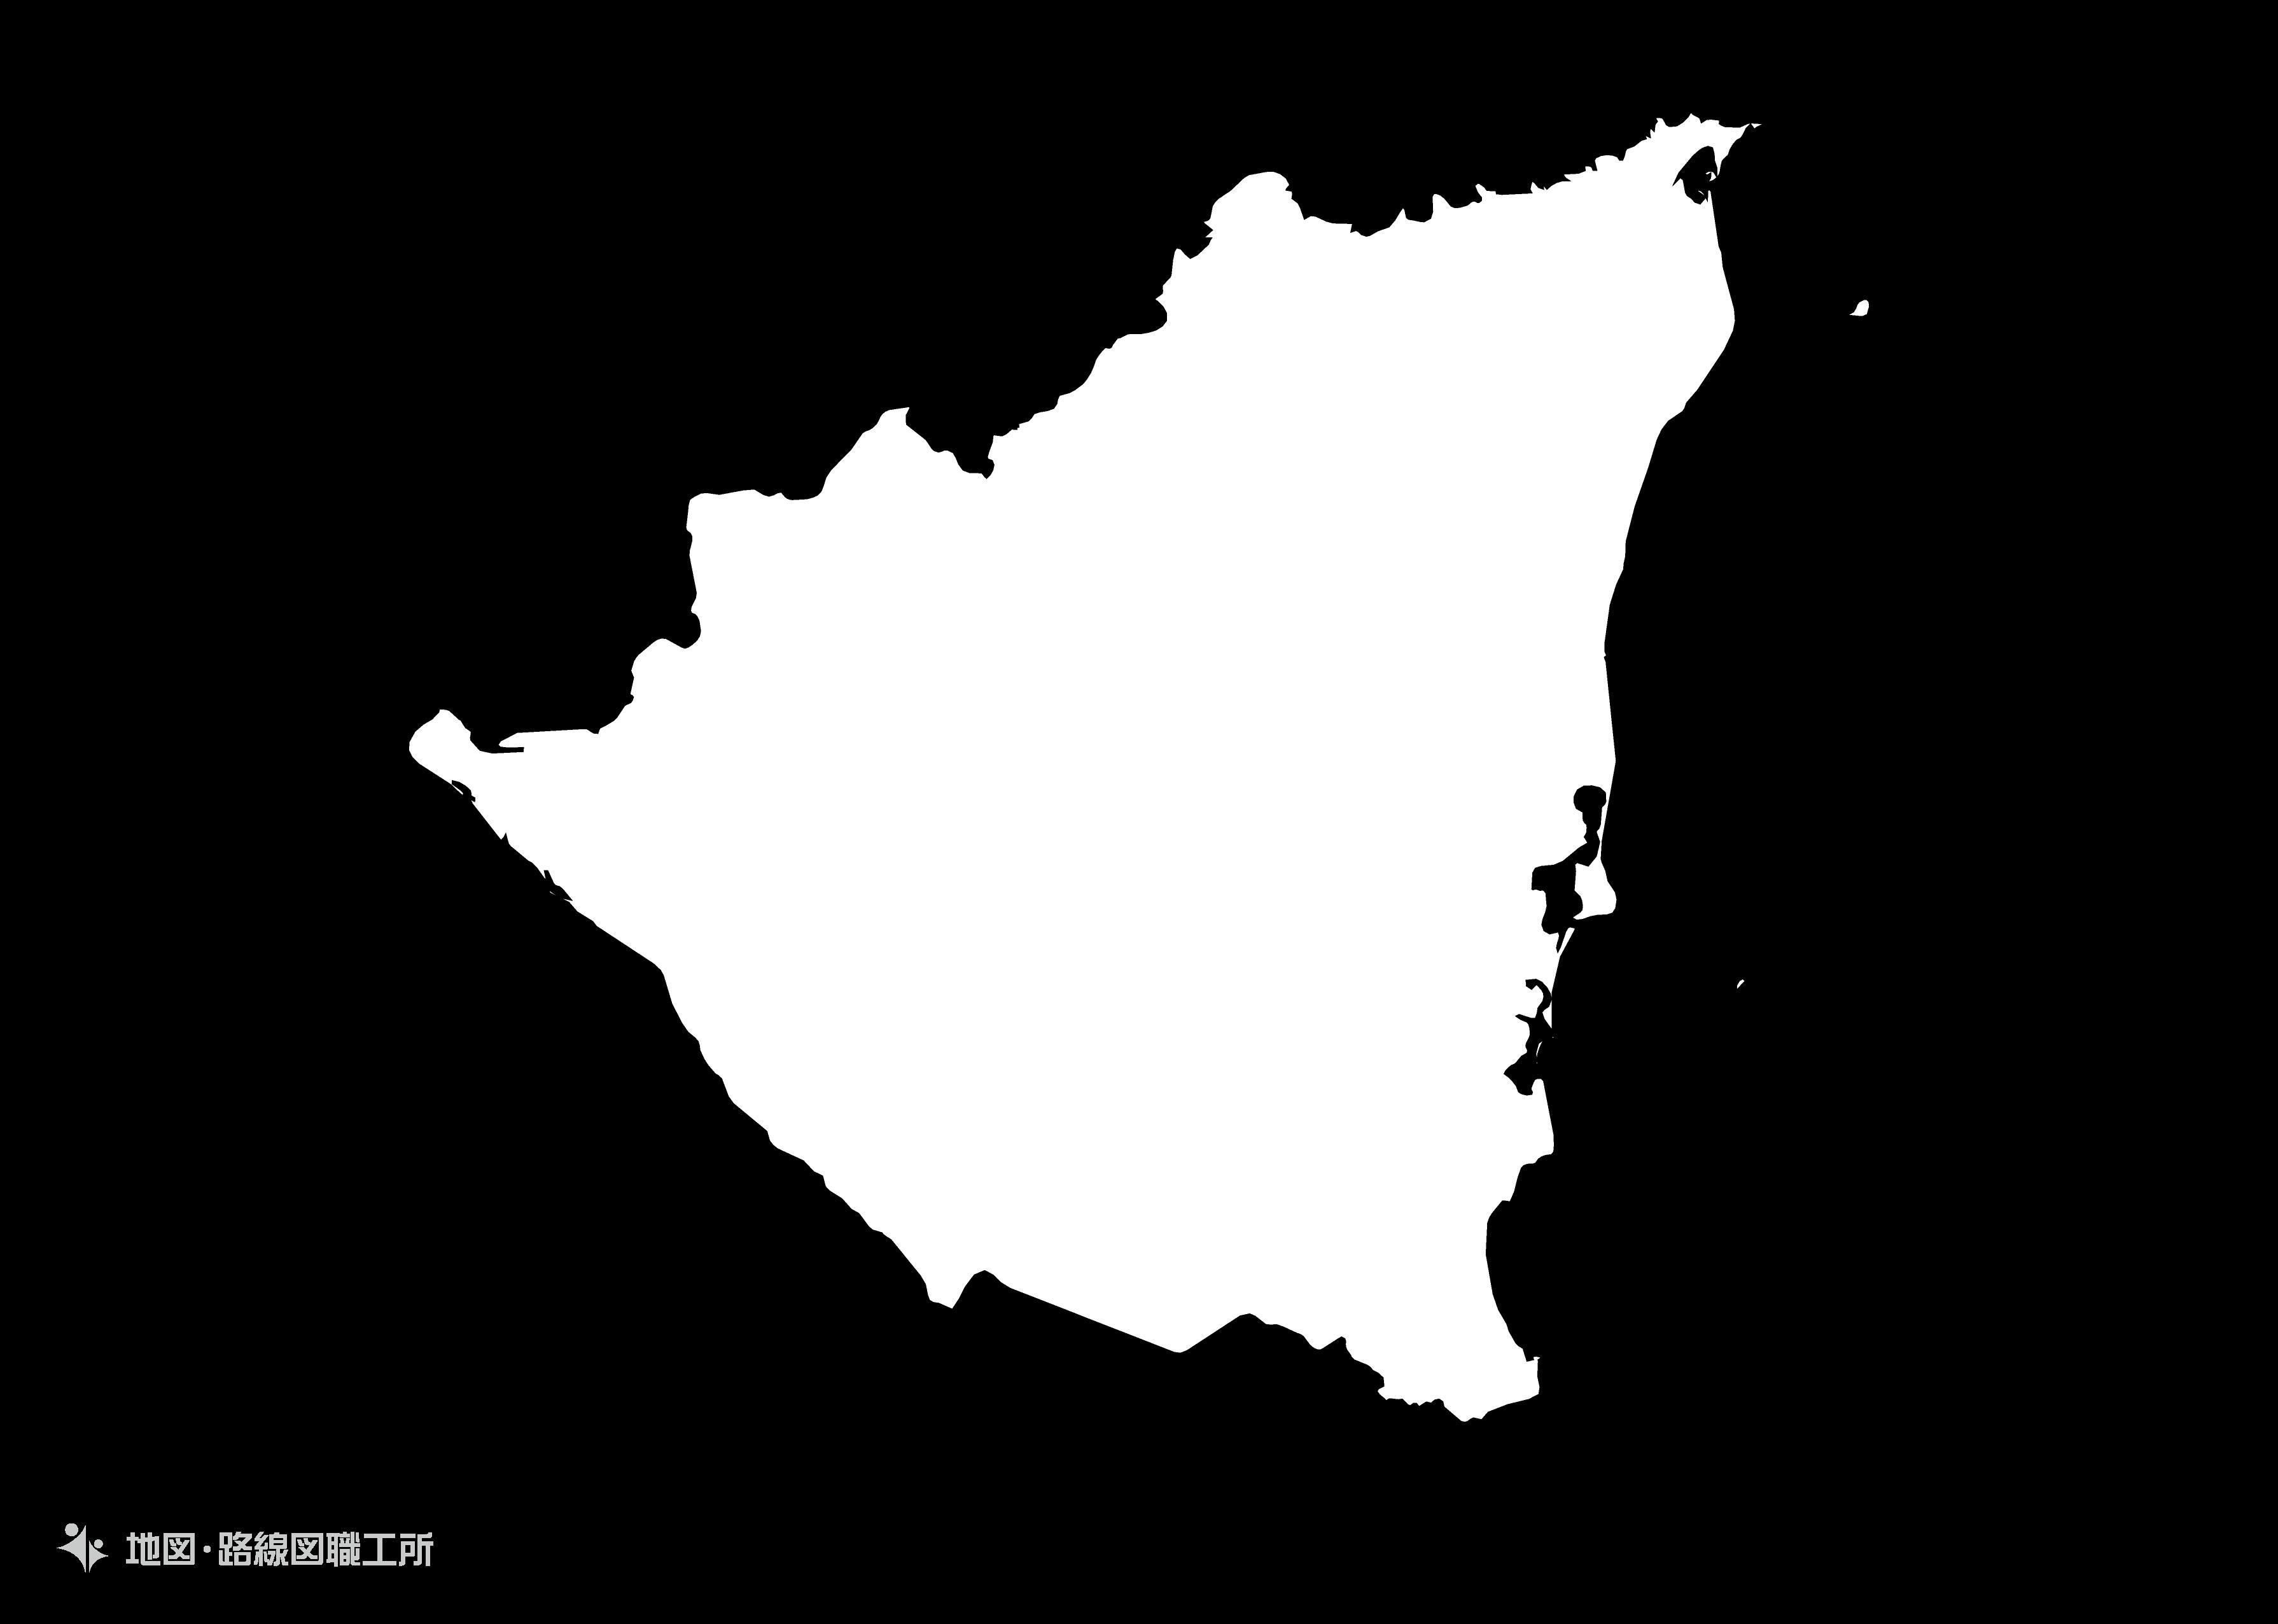 世界の白地図 ニカラグア共和国 republic-of-nicaragua map